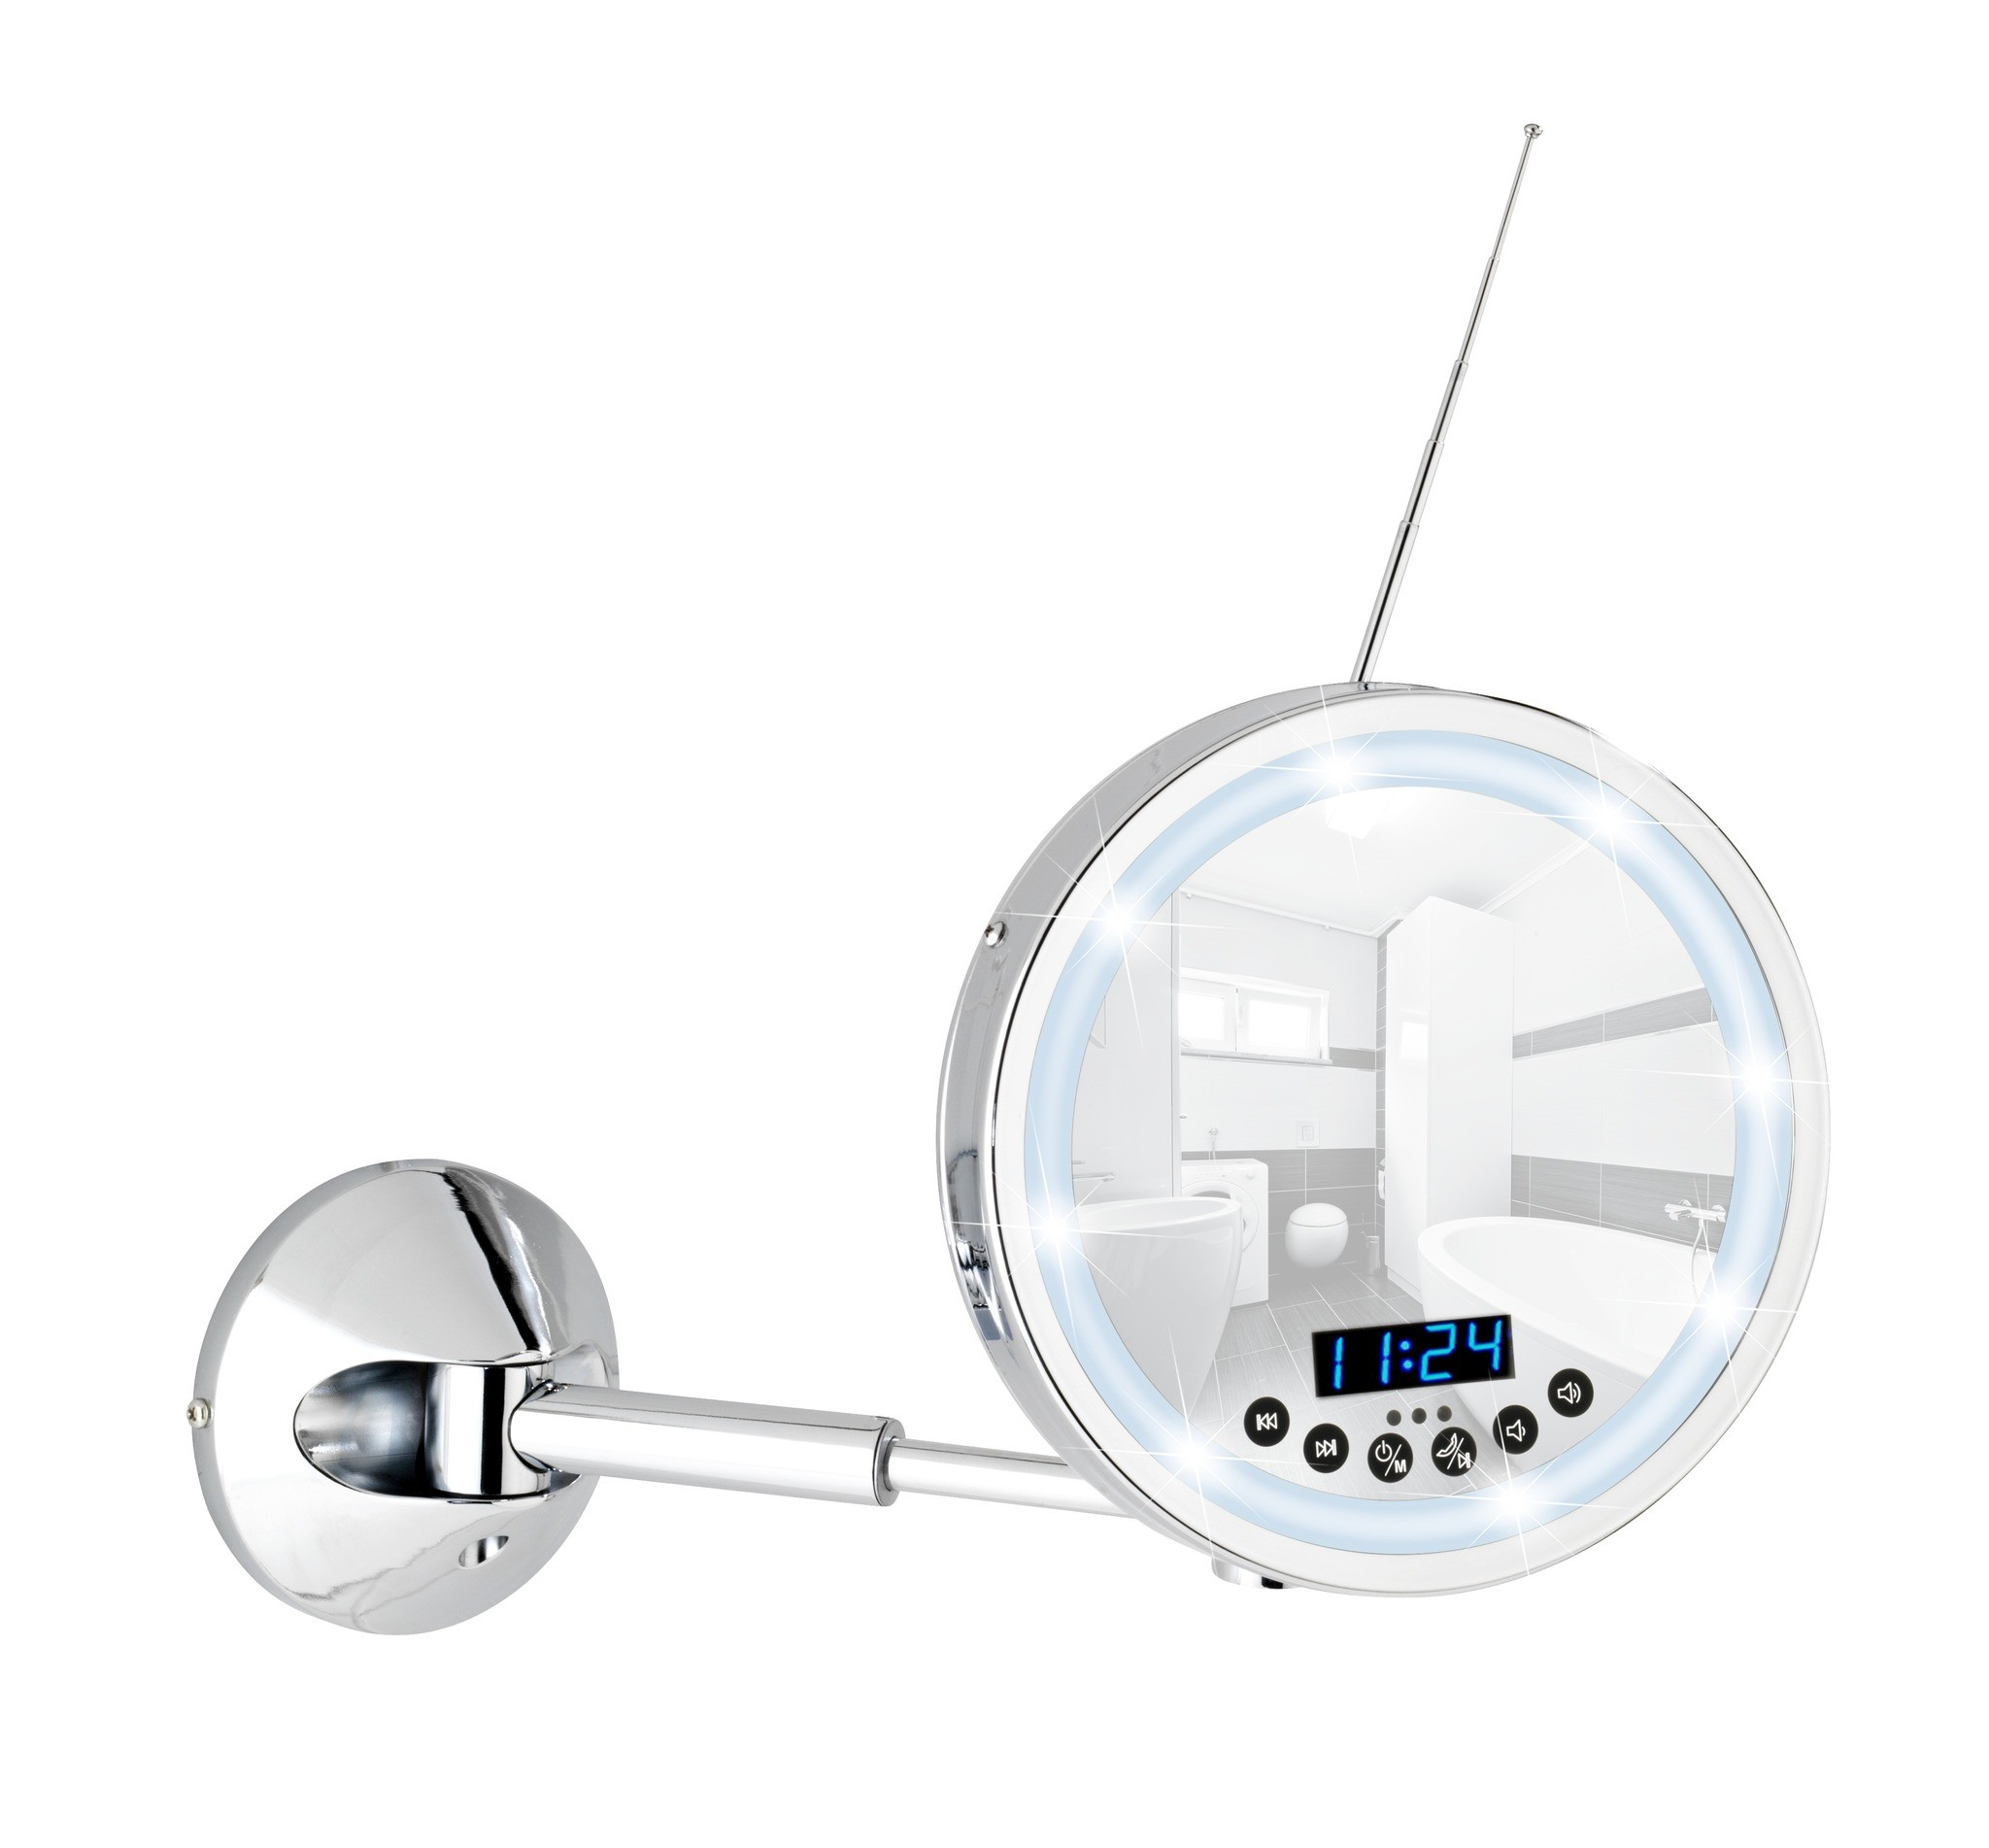 Wenko LED Wandspiegel Imperial, 3-fach Vergrößerung, mit Bluetooth Funktion, USB-Port und Mikrofon